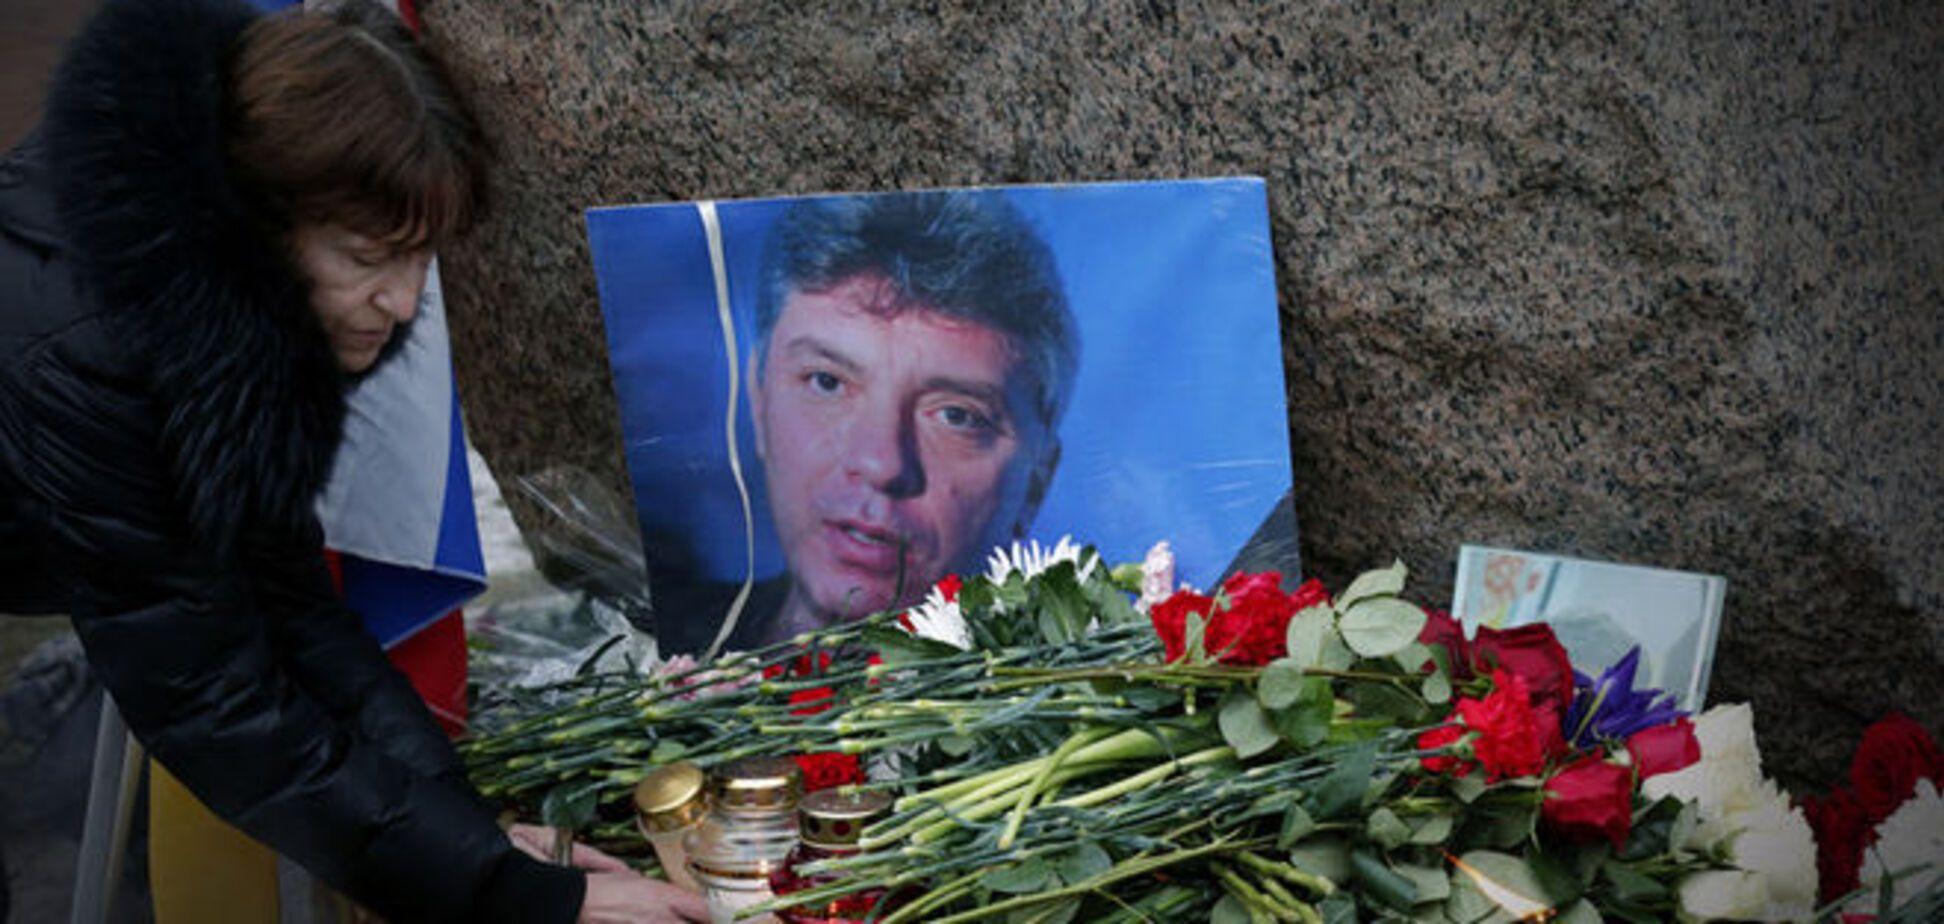 СК России пообещал три миллиона рублей за ценную информацию об убийстве Немцова